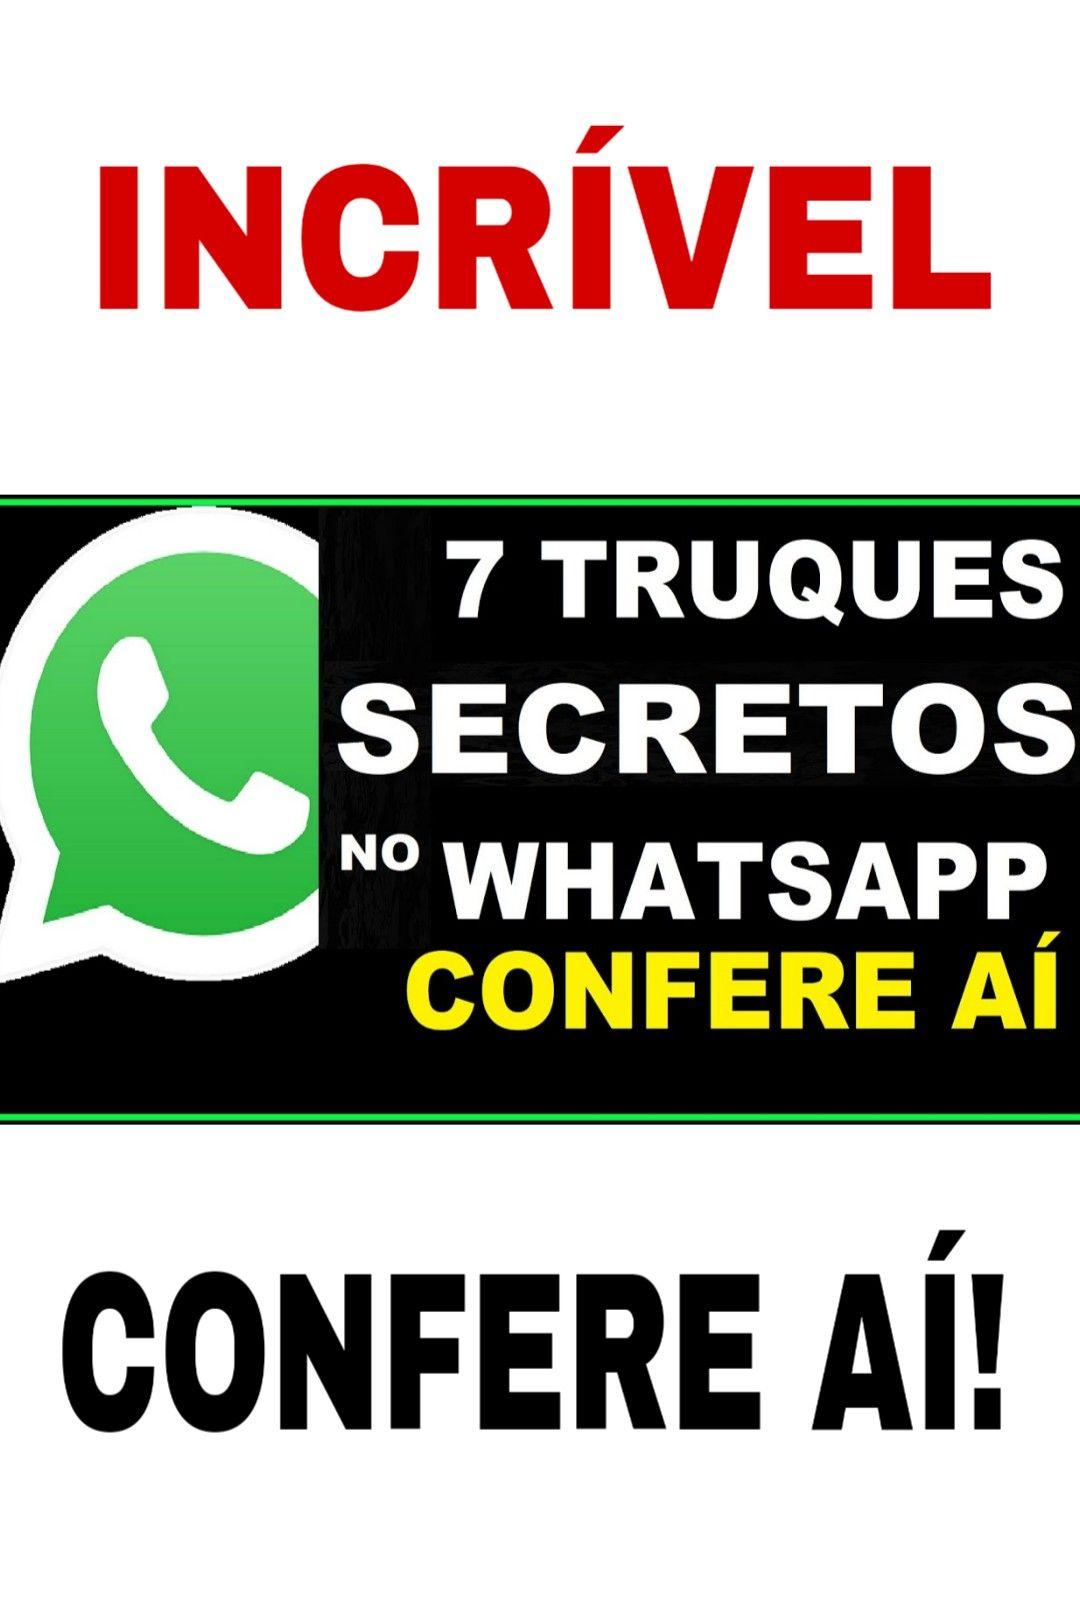 truques do whatsapp 7 TRUQUES PARA WHATSAPP REVELADOS